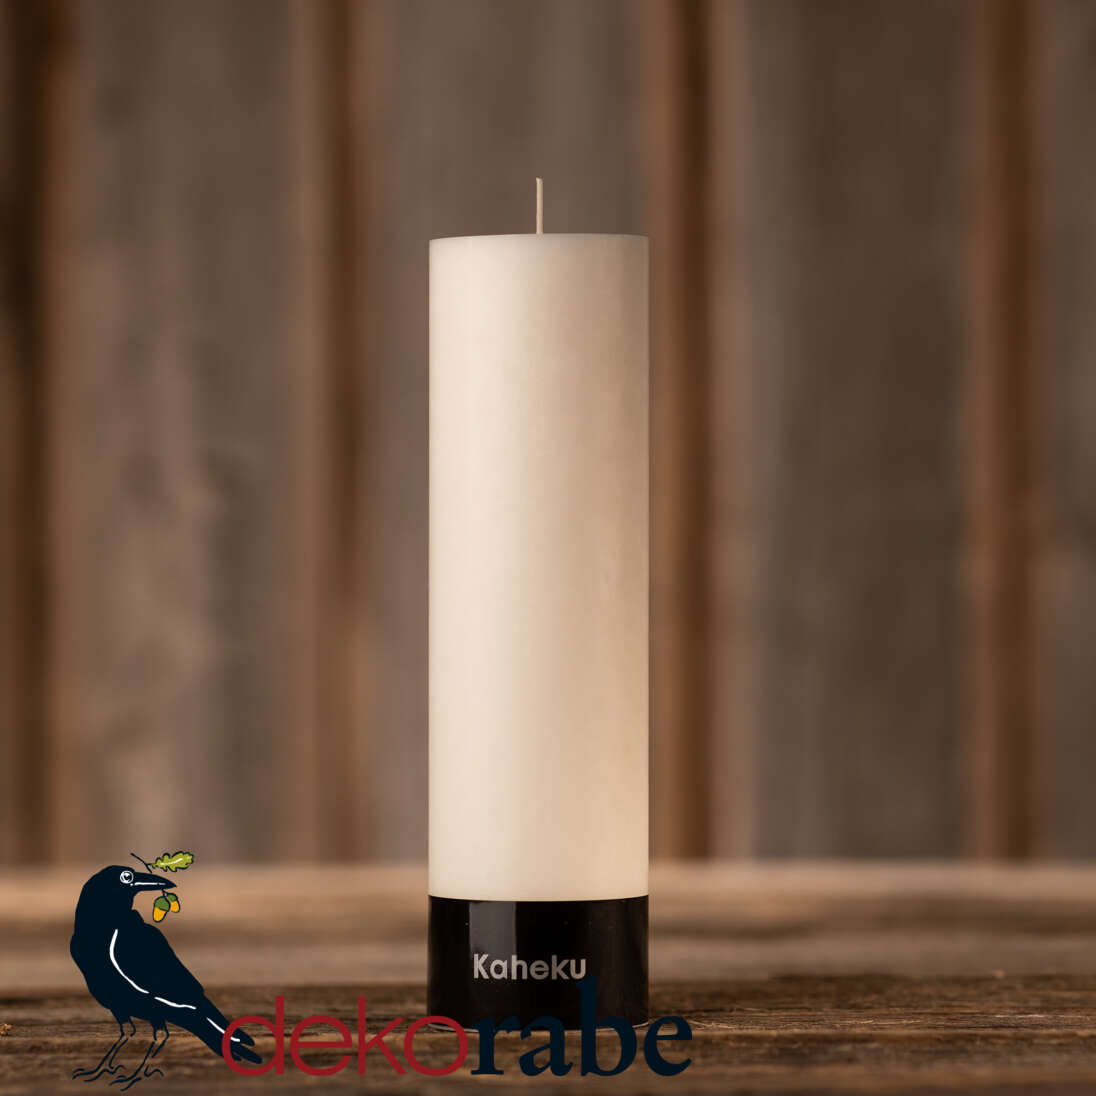 Cylinderkerze Silea Stearin weiß 7,0 cm Ø, ca. 25 cm hoch